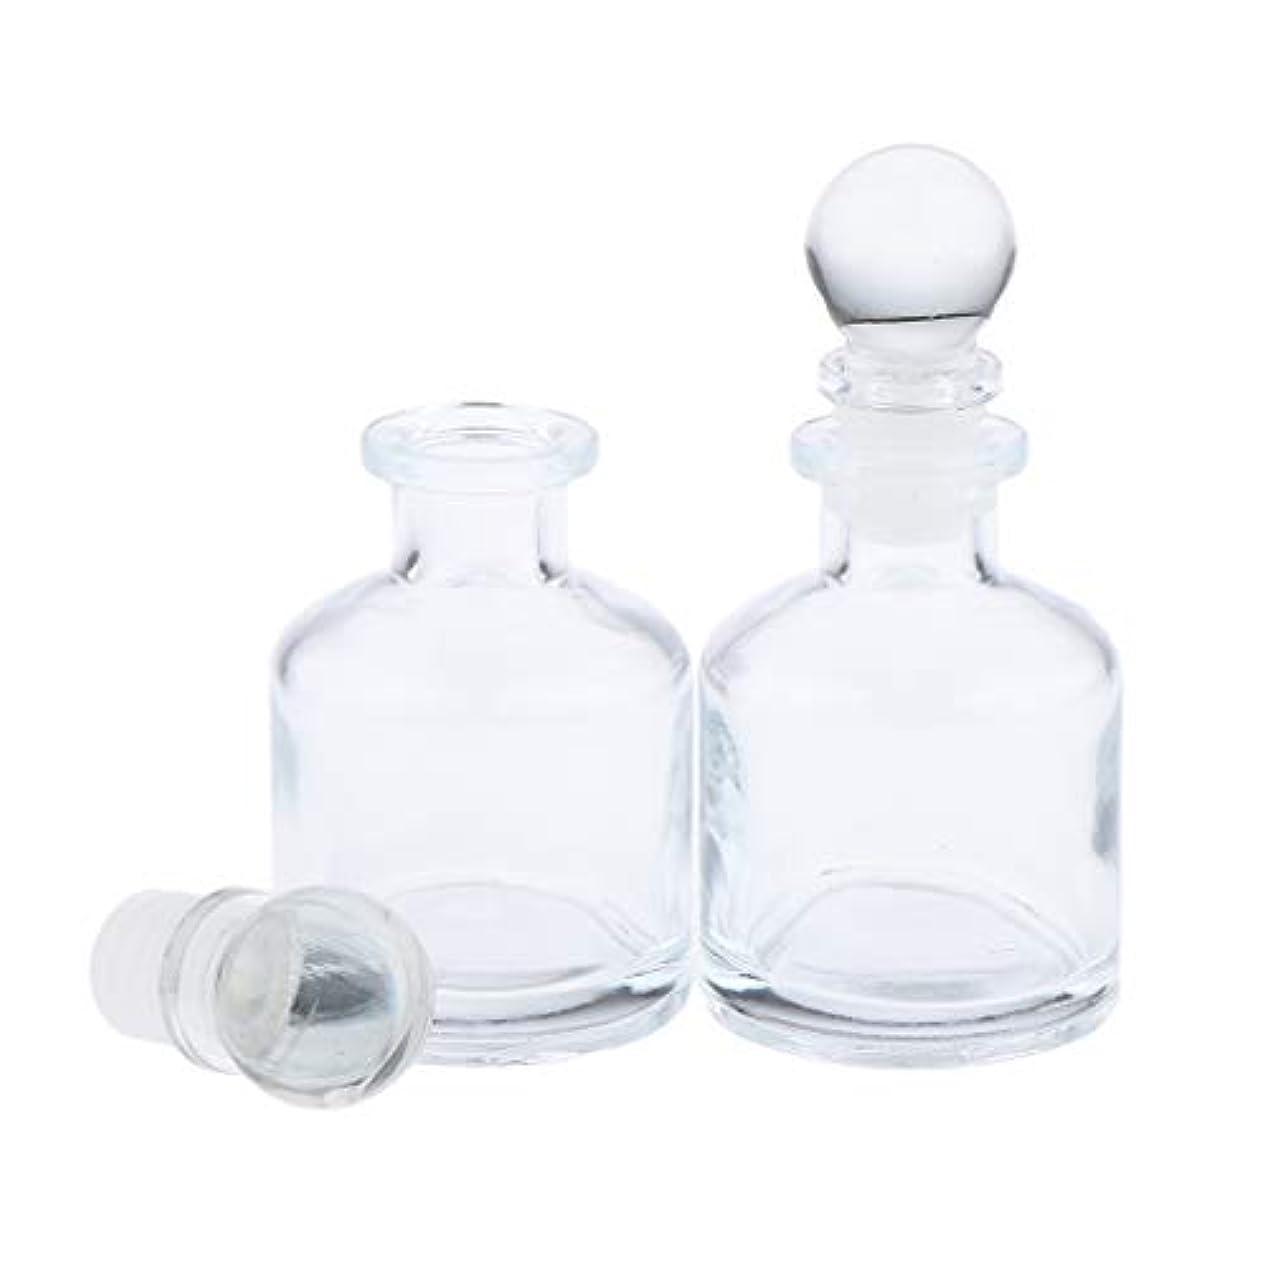 彼らの準備する丈夫B Baosity 2本 リードディフューザー用 ディフューザーボトル 透明 蓋付き 円形 2サイズ選べ - 50ミリリットル